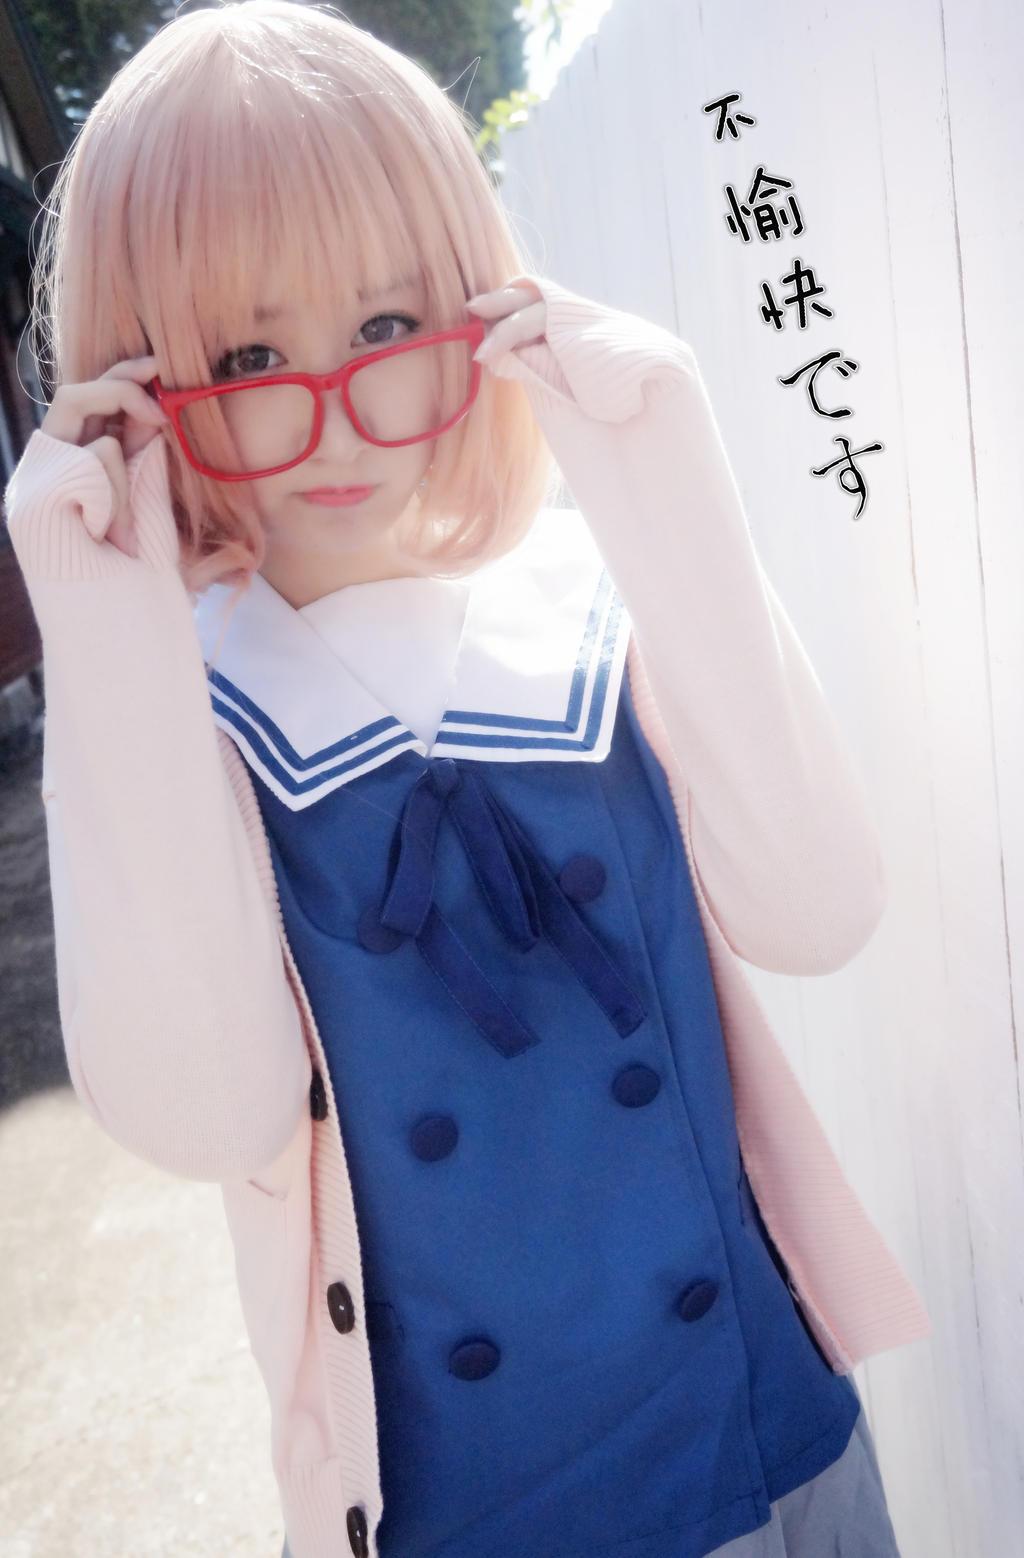 Kyoukai No Kanata - cosplay (1) by ChupiChupp on DeviantArt